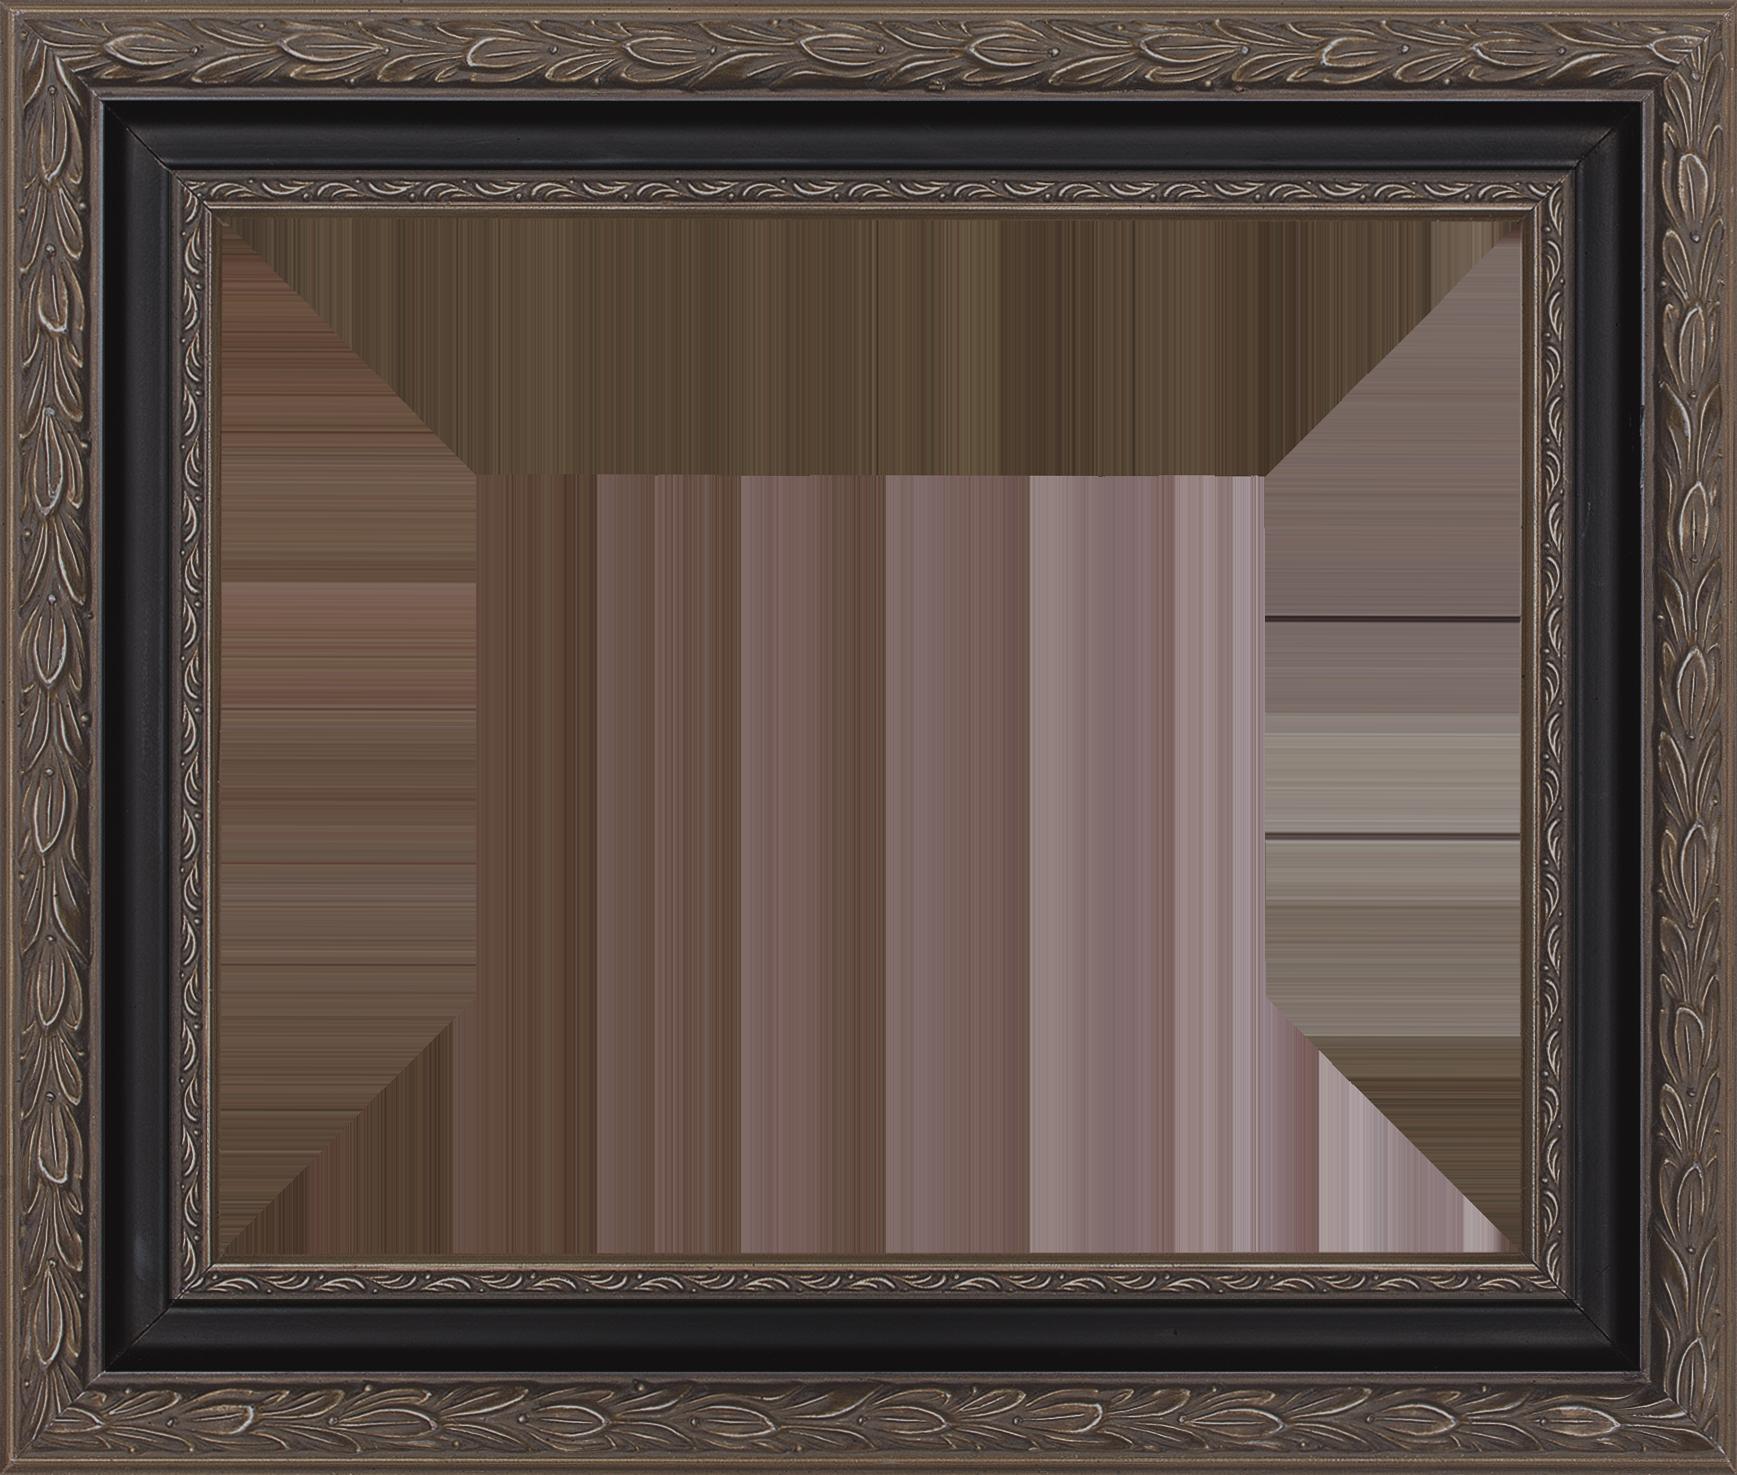 1490.png (1737×1475) Www.kendallhartcraft.com | Kendall Hartcraft ...